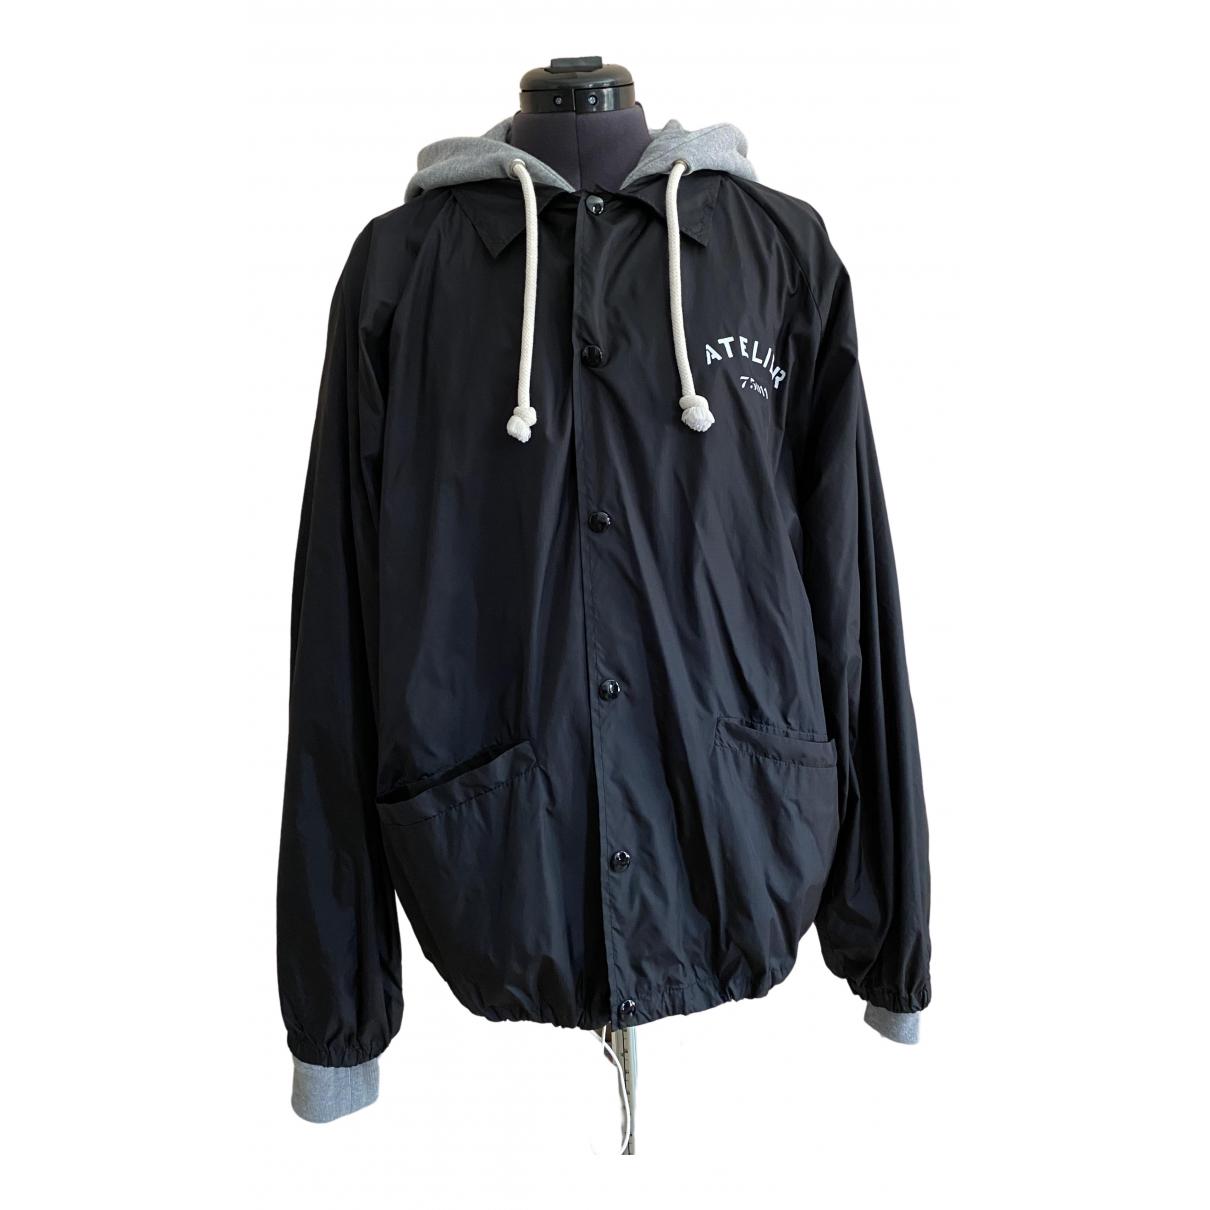 Maison Martin Margiela \N Black jacket  for Men M International